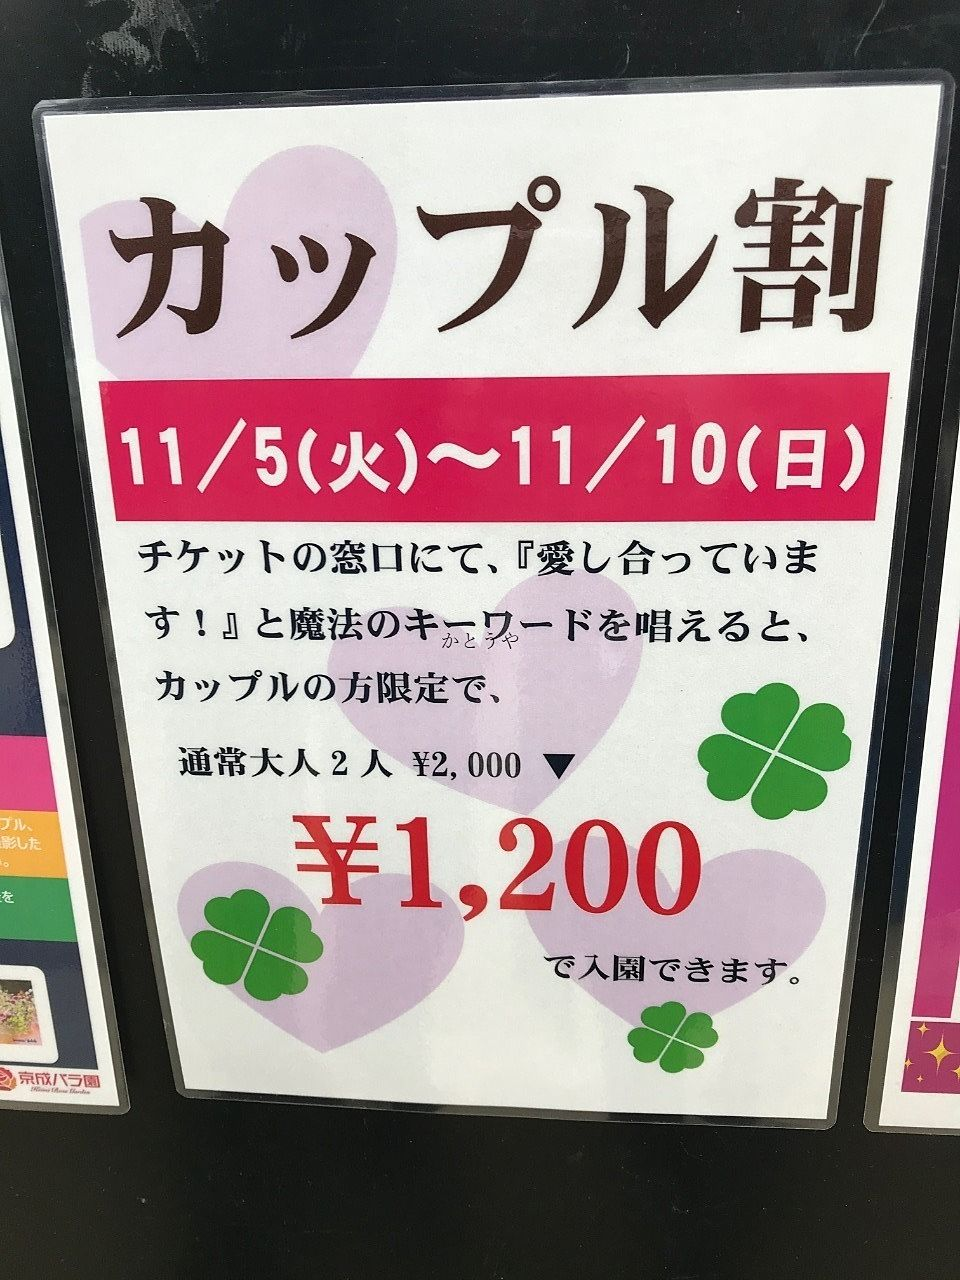 こんにちは、かとうや藤原です。お休みの日に京成バラ園へ行って参りました!秋バラただ今見ごろです!